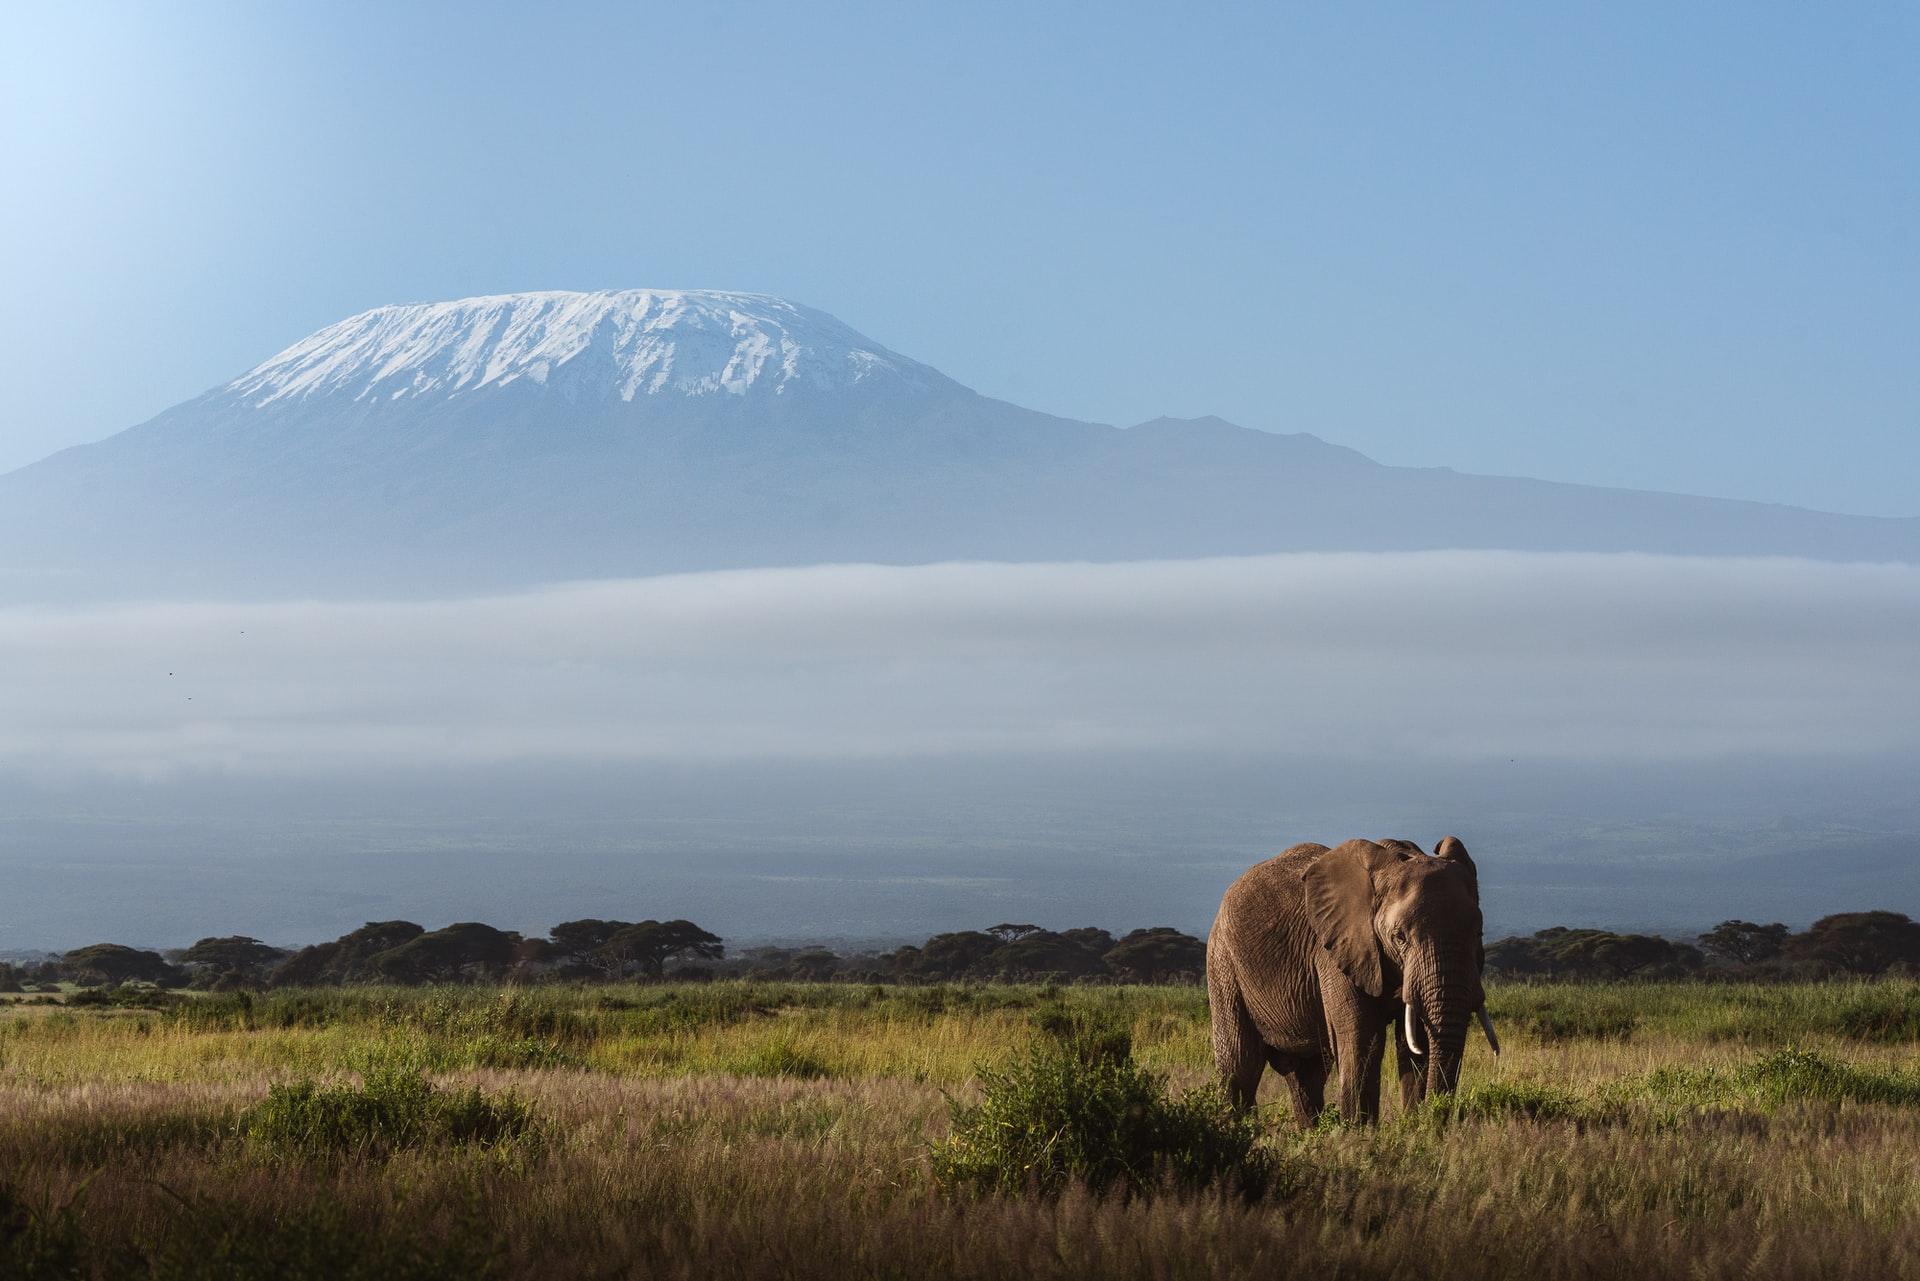 un éléphant dans la savane devant un volcan